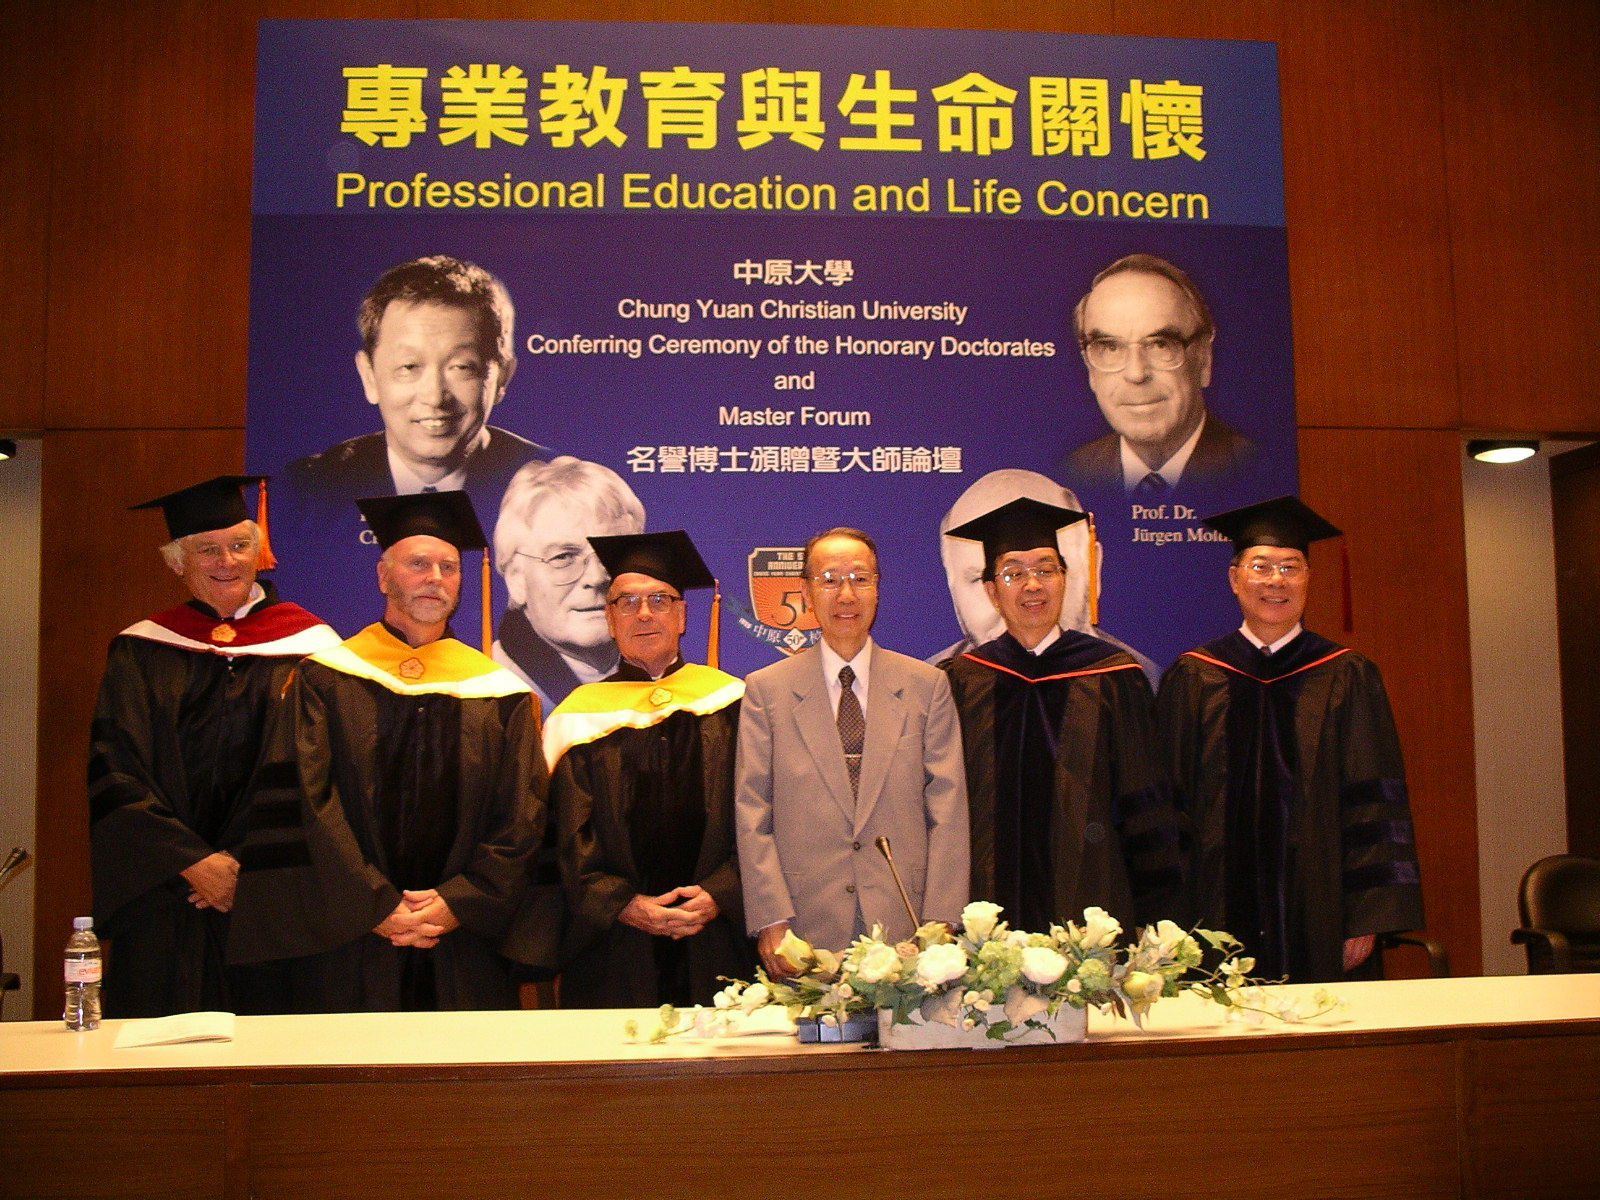 神學、建築、基因體世界級大師 獲頒中原大學名譽博士學位